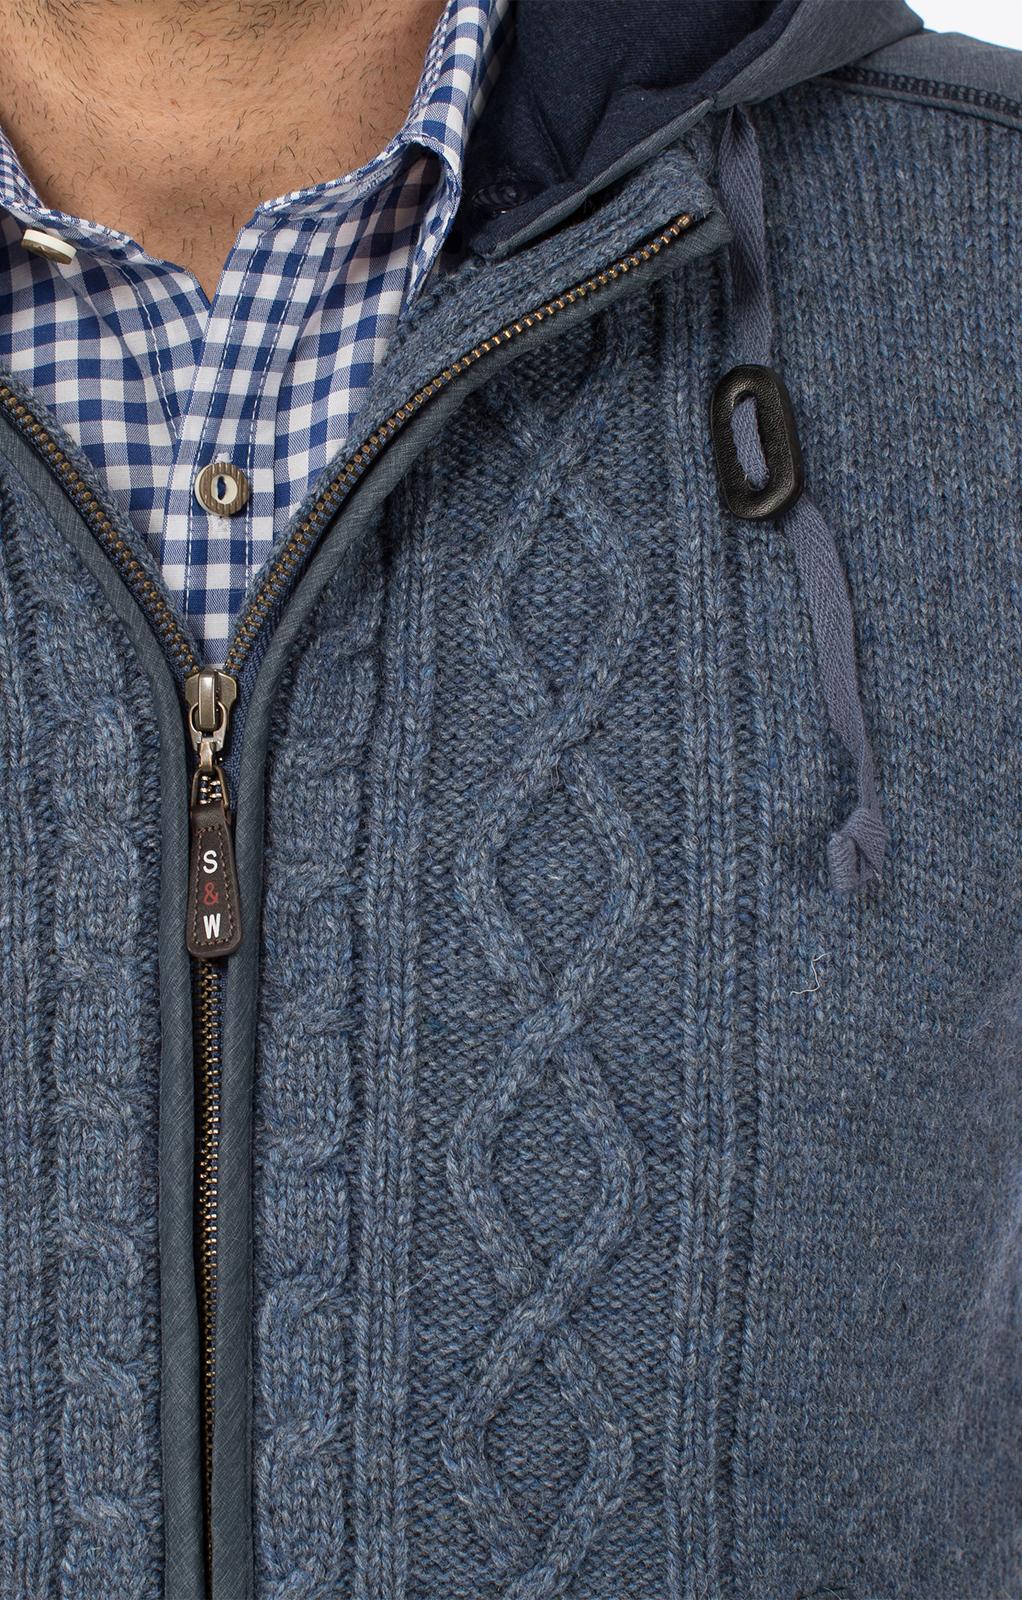 weitere Bilder von Trachtenweste HAINBURG Hoodie jeansblau